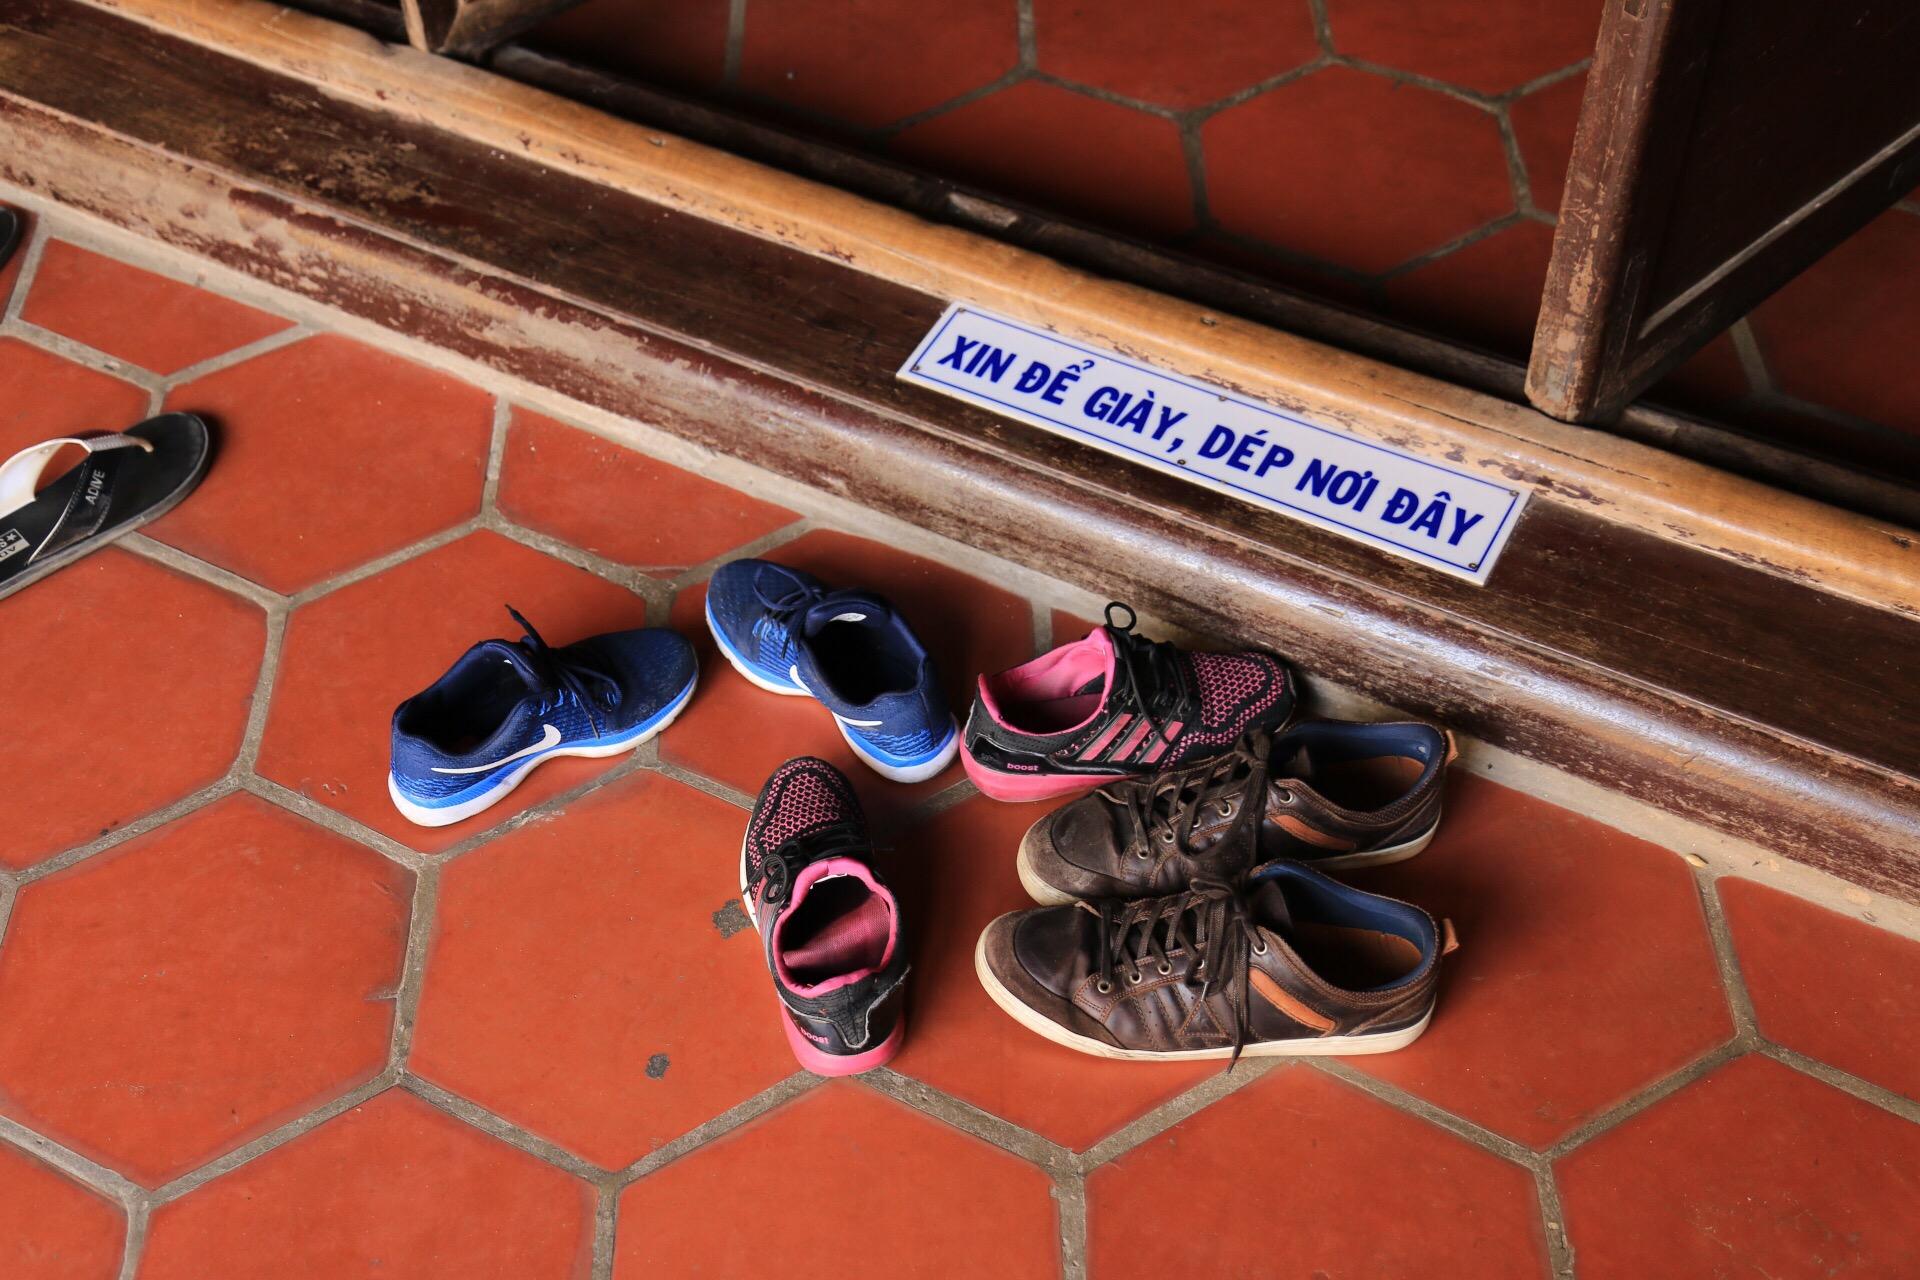 Und die Schuhe bleiben vor der Tür!